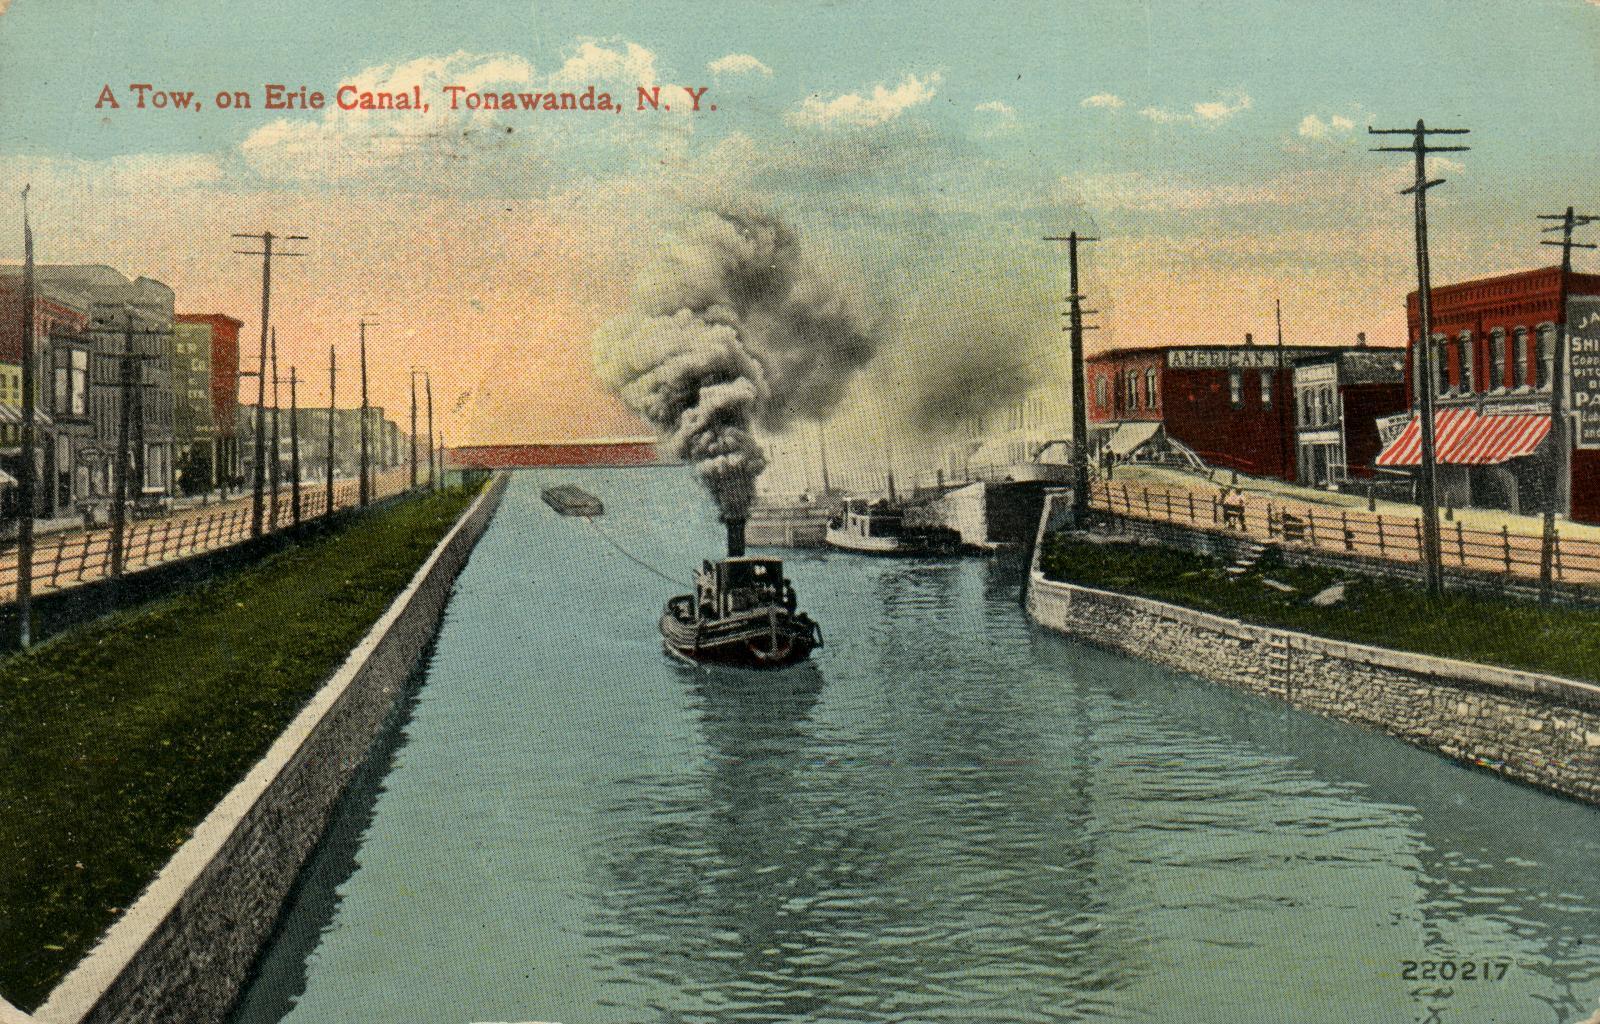 A Tow, on Erie Canal, Tonawanda, postcard (1915).jpg